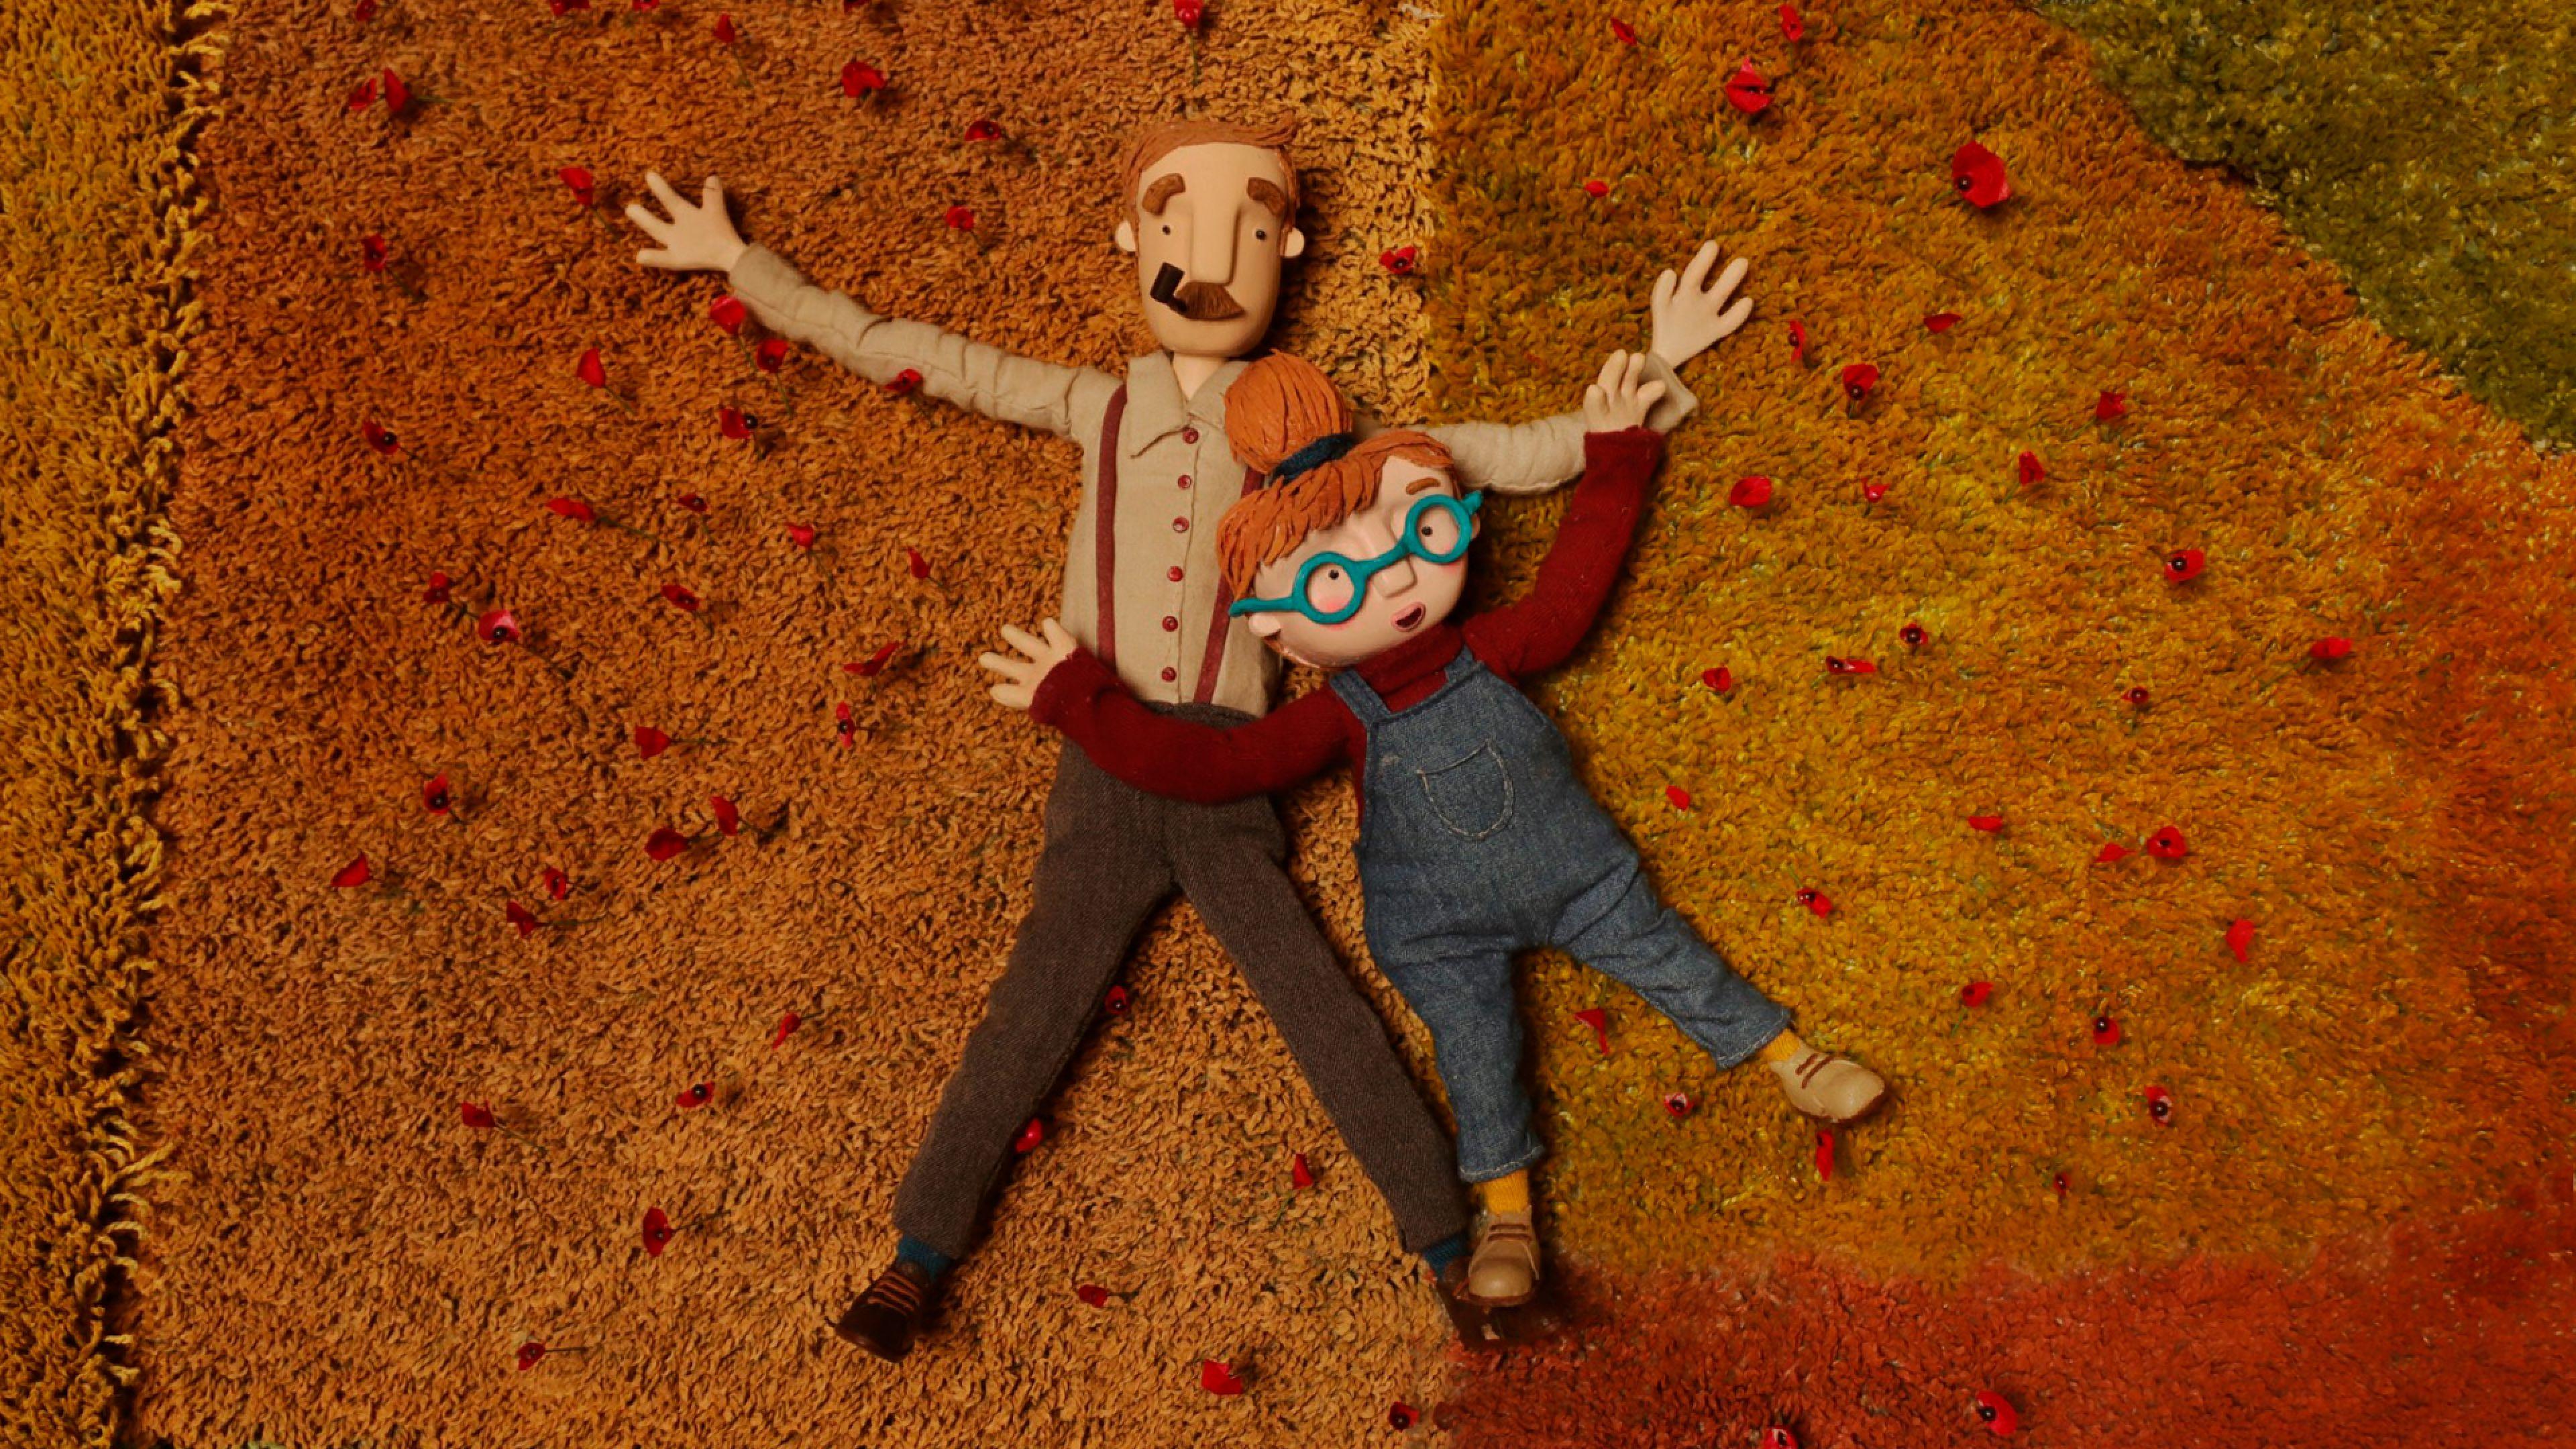 Filmstill aus einem Animationsfilm: Ein Mann mit einer Pfeife im Mund und ein rothaariges Mädchen mit Brille liegen nebeneinander auf dem Fußboden.